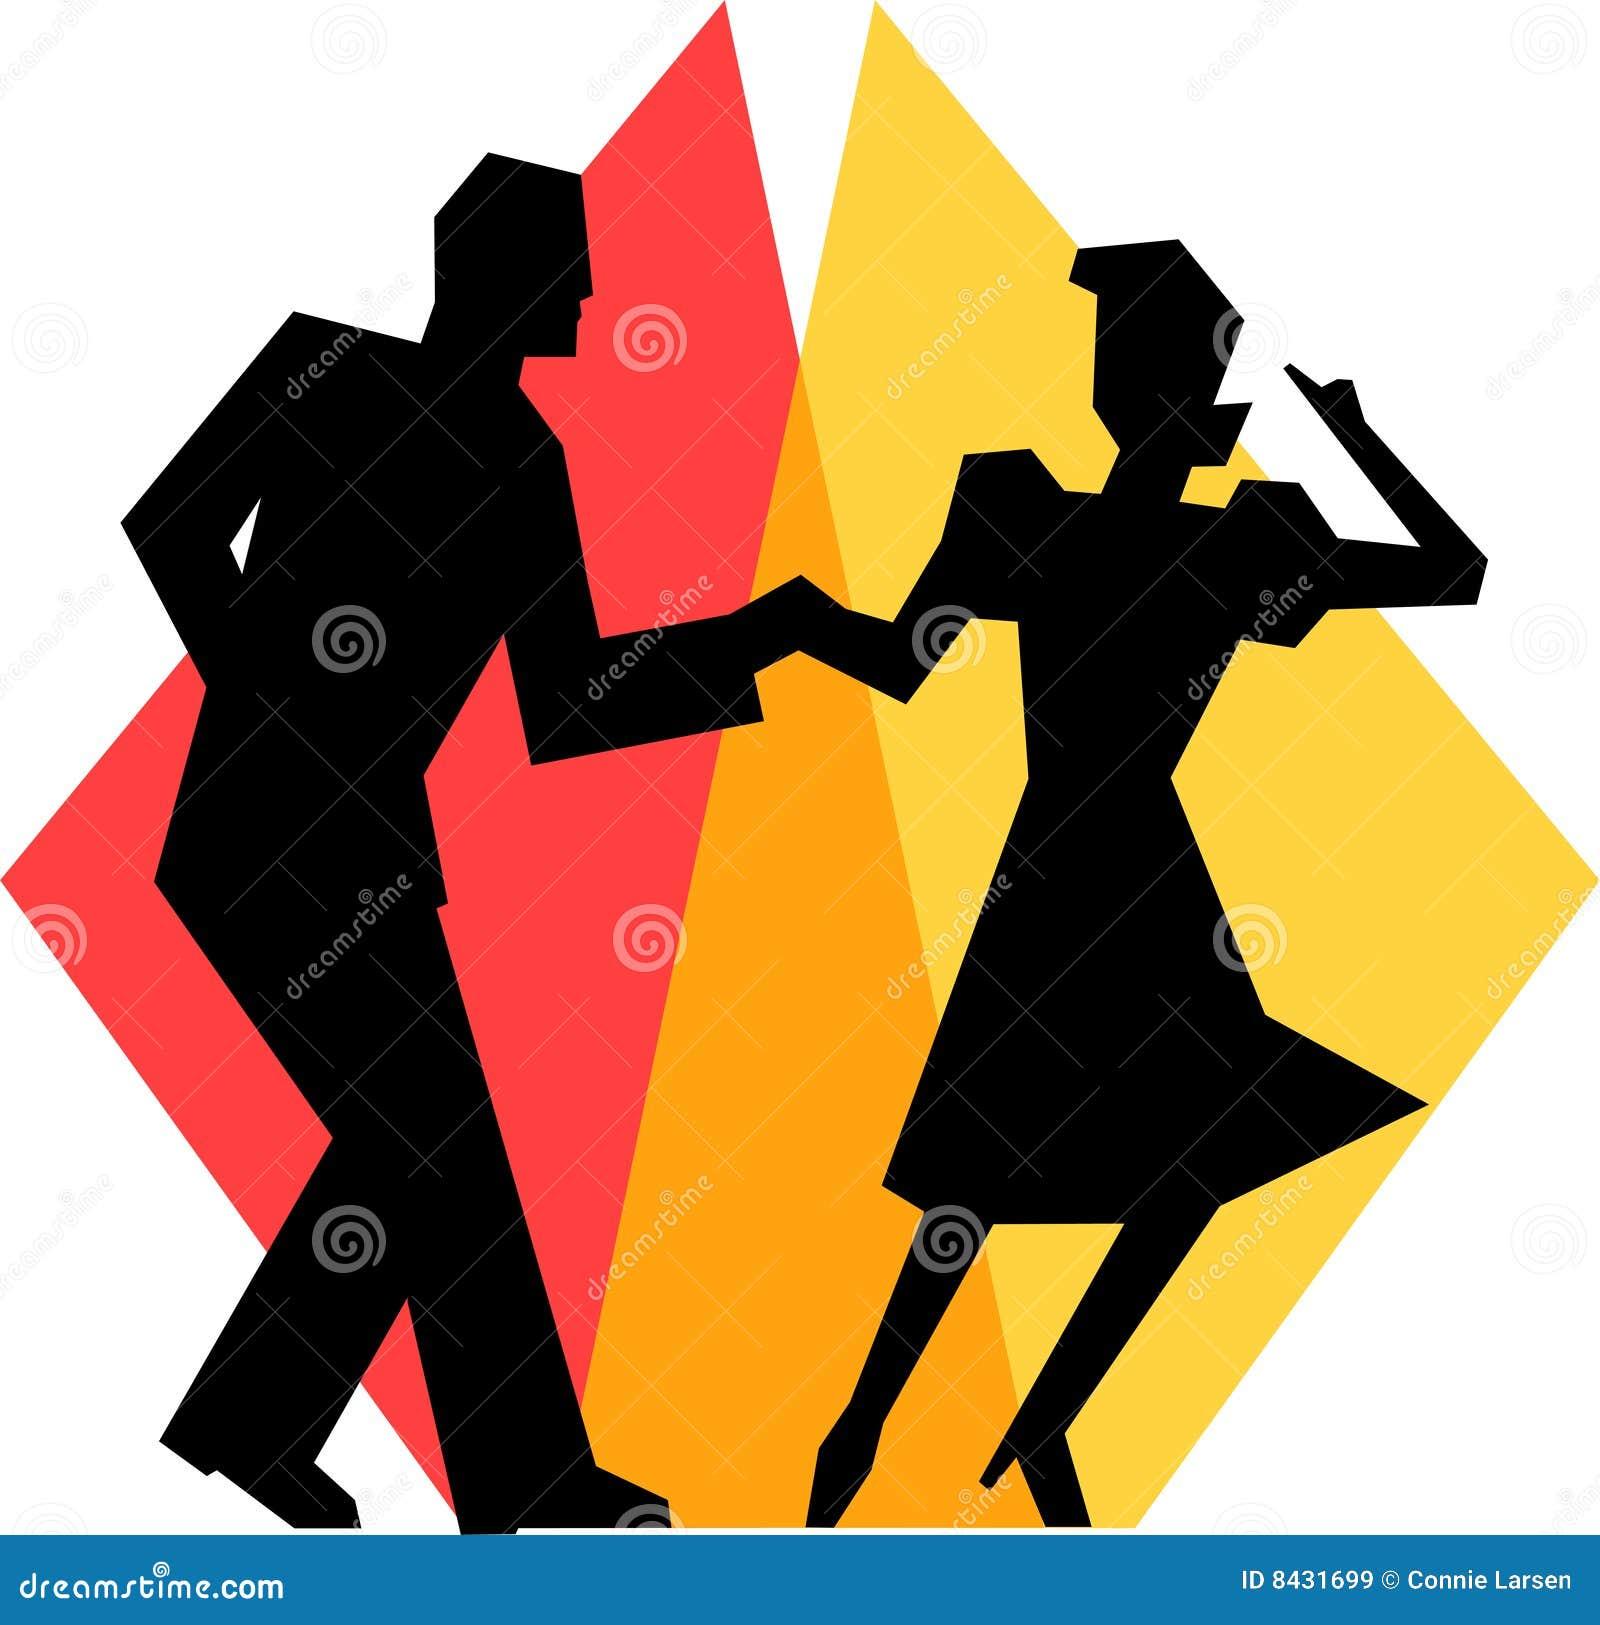 einfache schwingen tanz paare lizenzfreie stockbilder ballroom dancing clipart png ballroom dancing clip art free